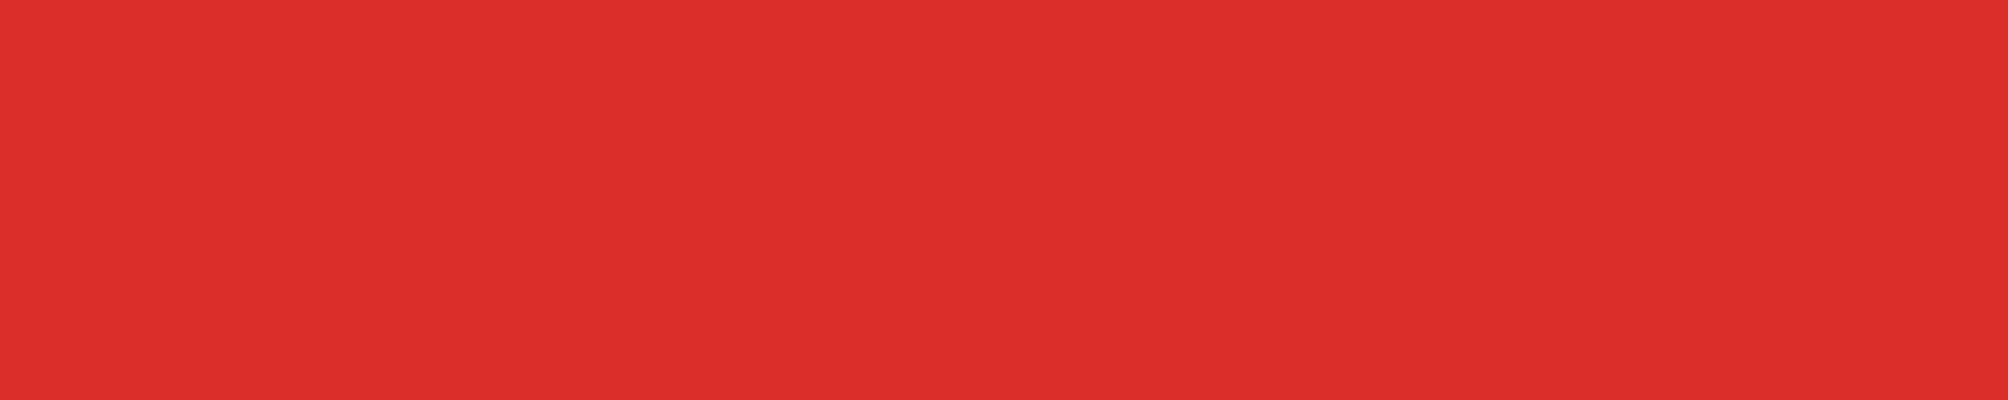 """<span style=""""color: #fff"""">aanbiedingen<br>vrije tijd</span> - Herobanner - HEMA"""